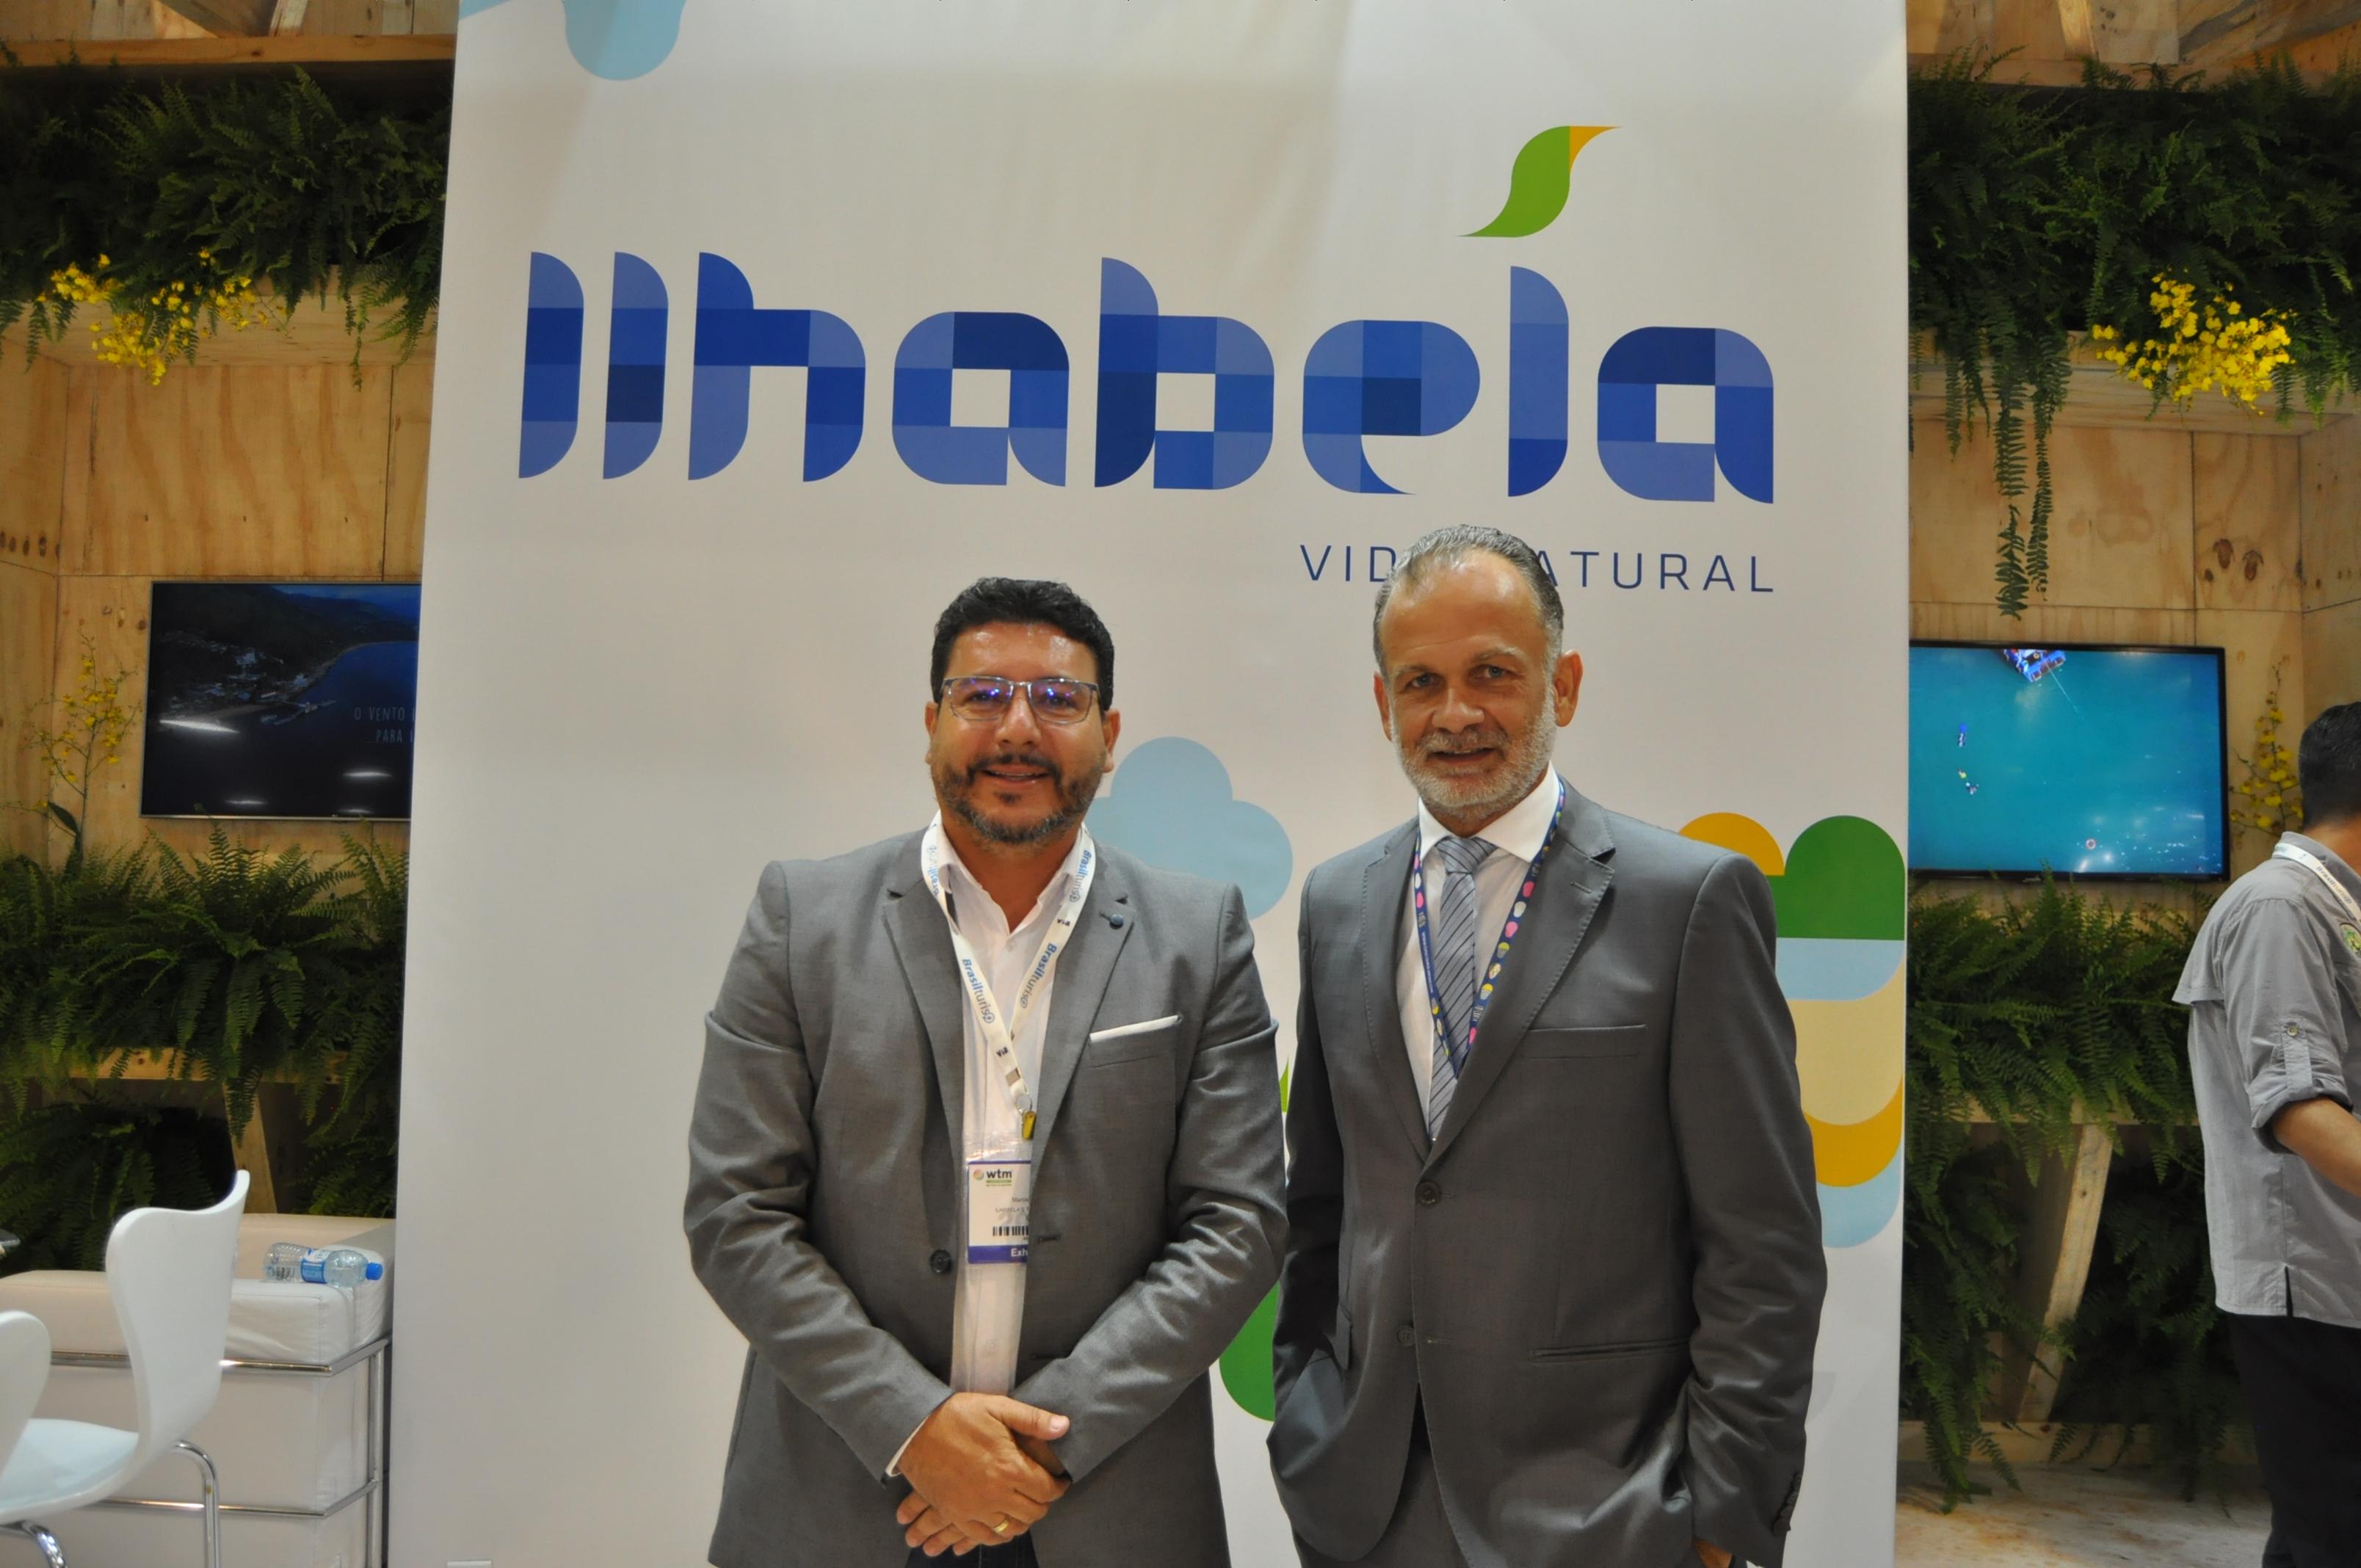 Márcio Tenório e Rogério Fazzini, prefeito e secretário de Turismo de Ilhabela